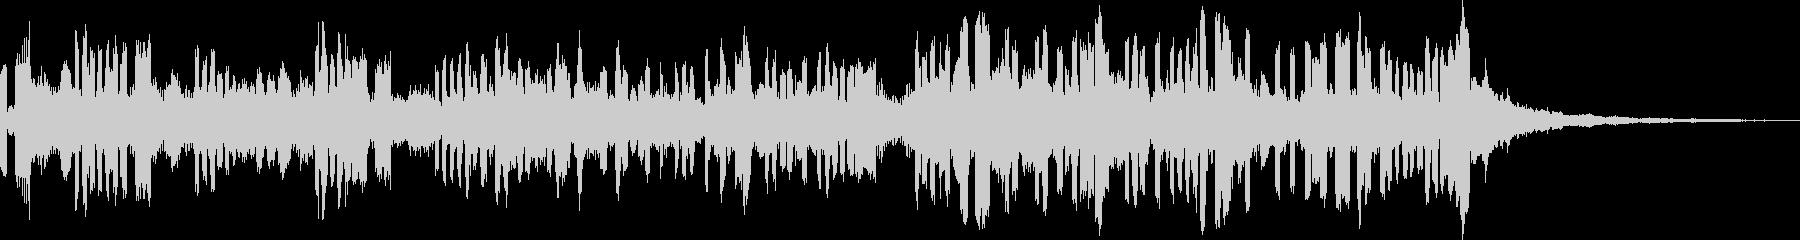 28秒ソング EDM 空間とスピードの未再生の波形